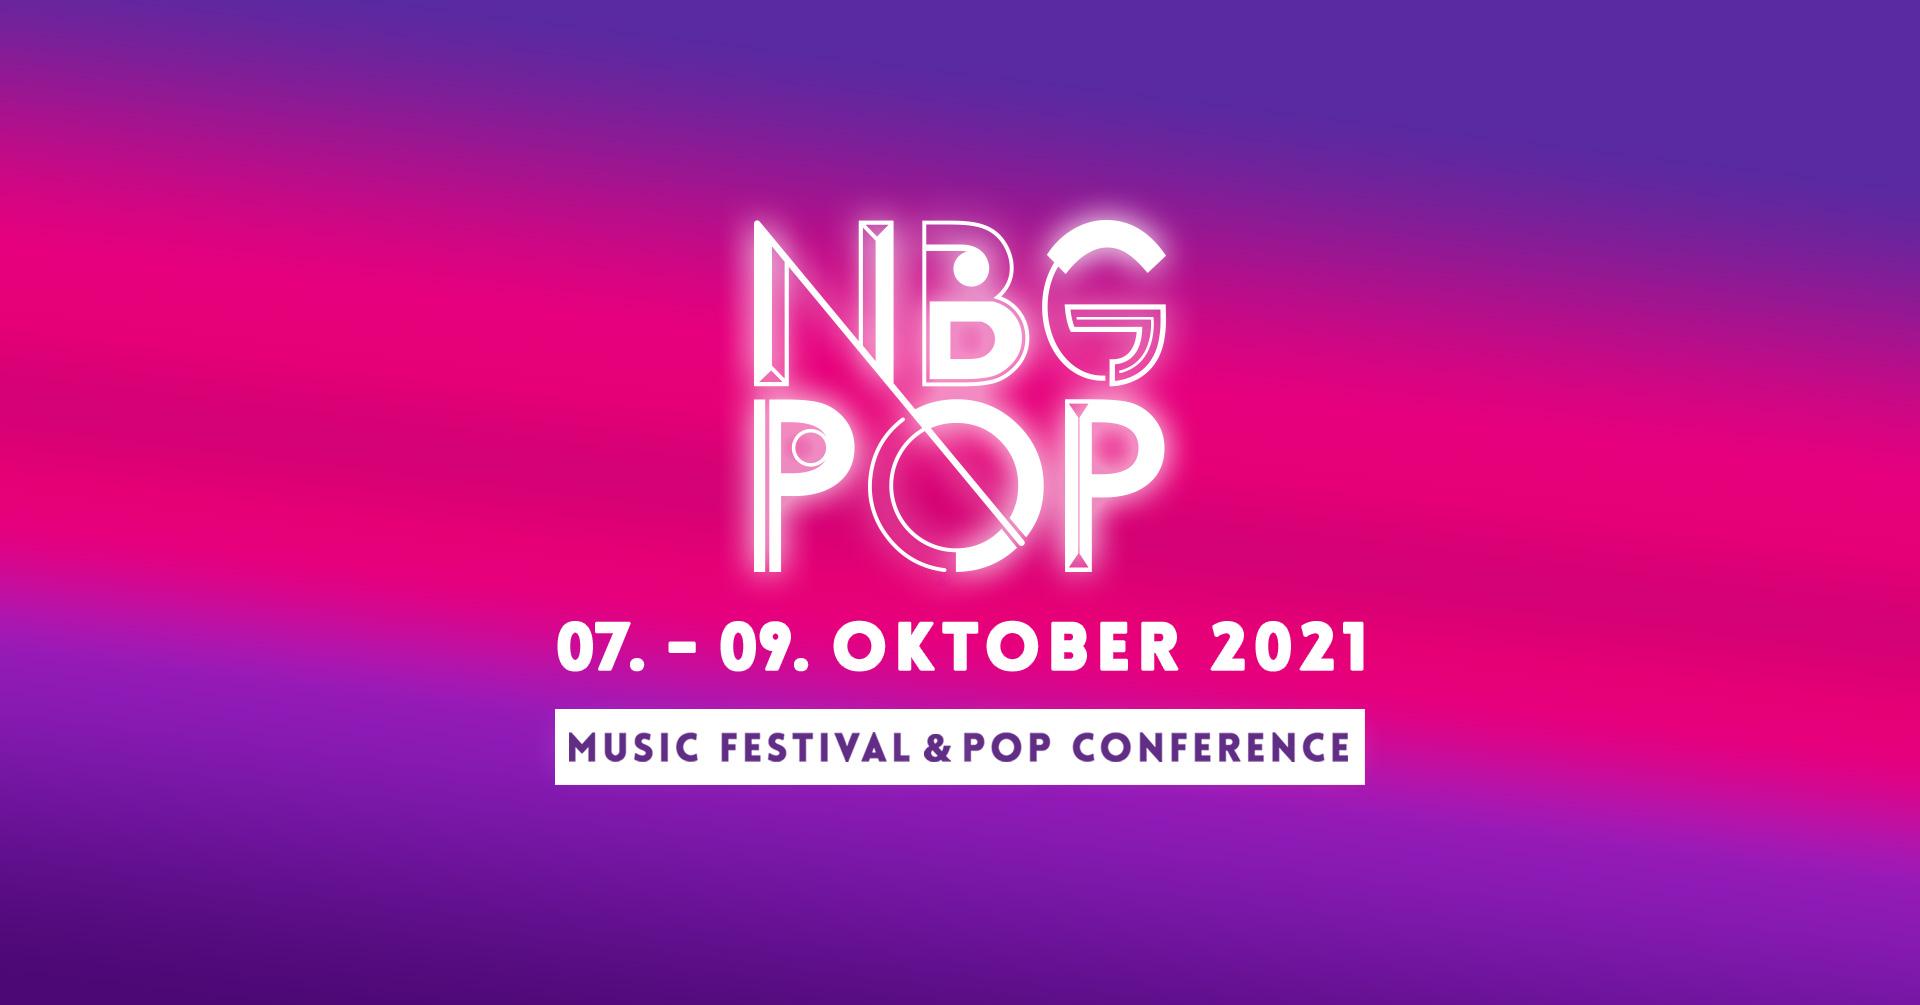 Nürnberg Pop Festival 2021